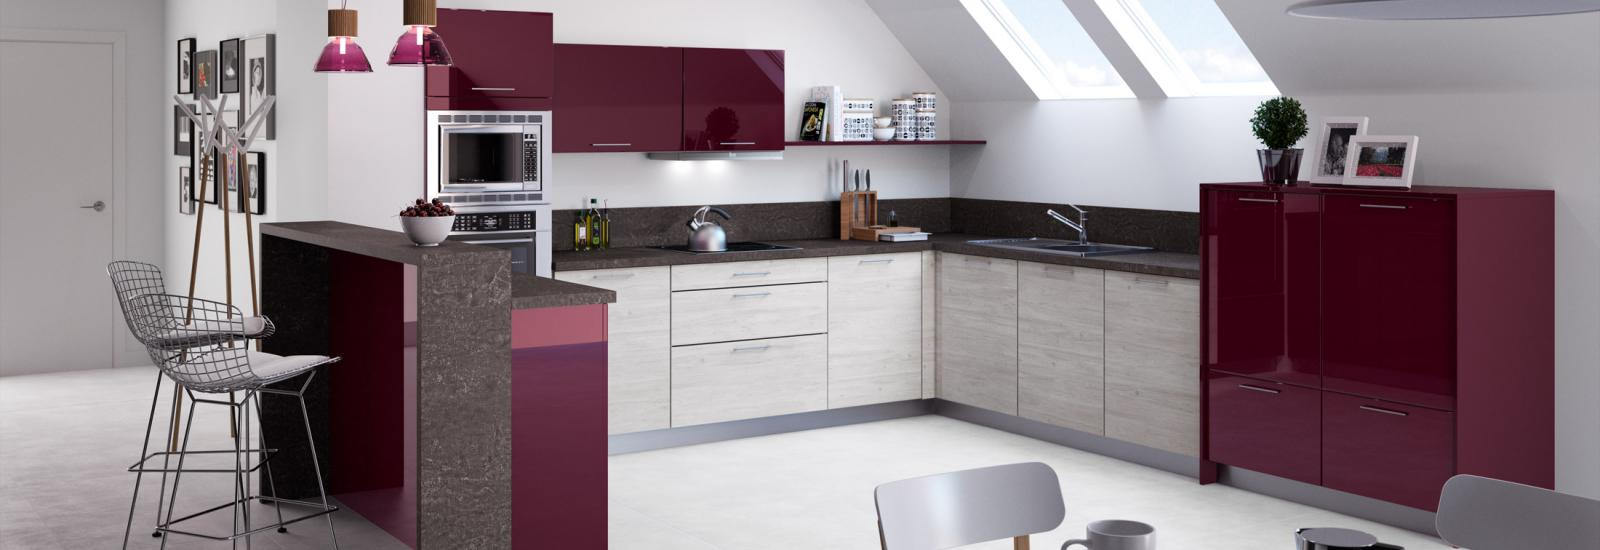 cuisiniste clermont ferrand concepteur cuisine. Black Bedroom Furniture Sets. Home Design Ideas